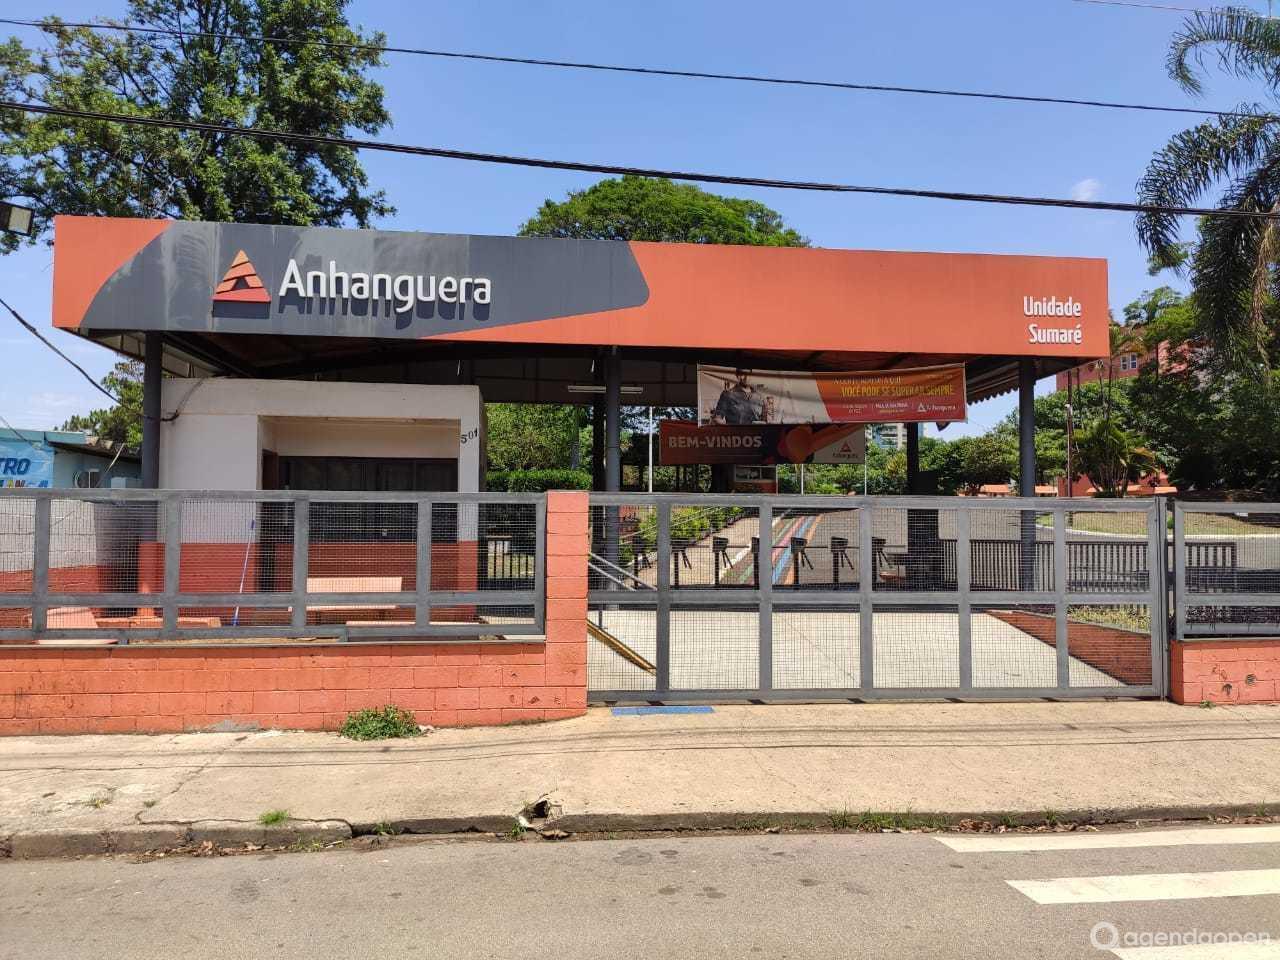 Anhanguera Sumaré localizado em Jardim Primavera, Sumaré tem 12 salas e espaços para Reunião e Evento. Alugue sala para reunião, palestra, workshop, apresentação, e muito mais!